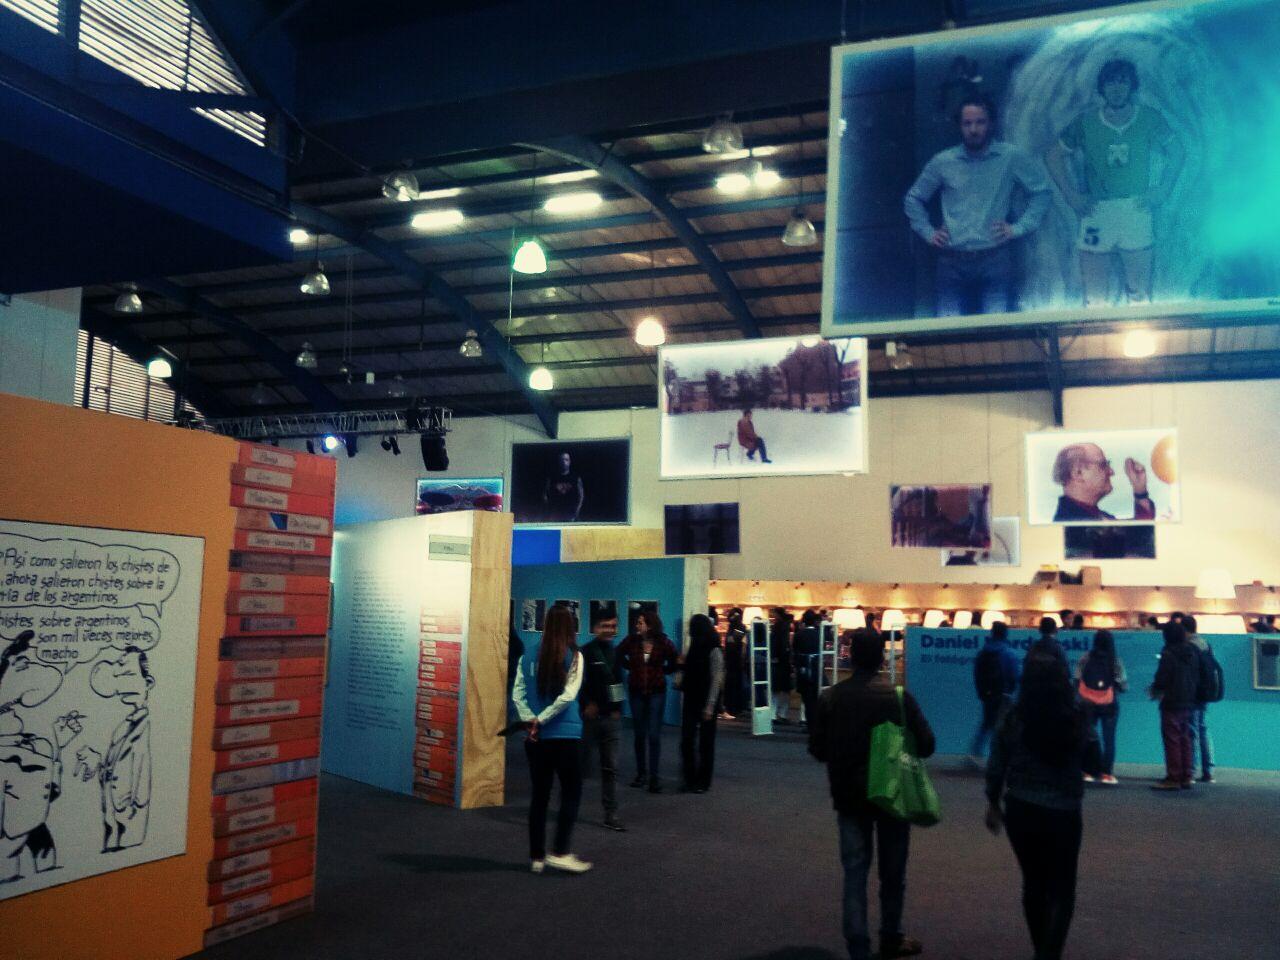 Balompié y literatura: fútbol en la FILBo 2018 - Literatura